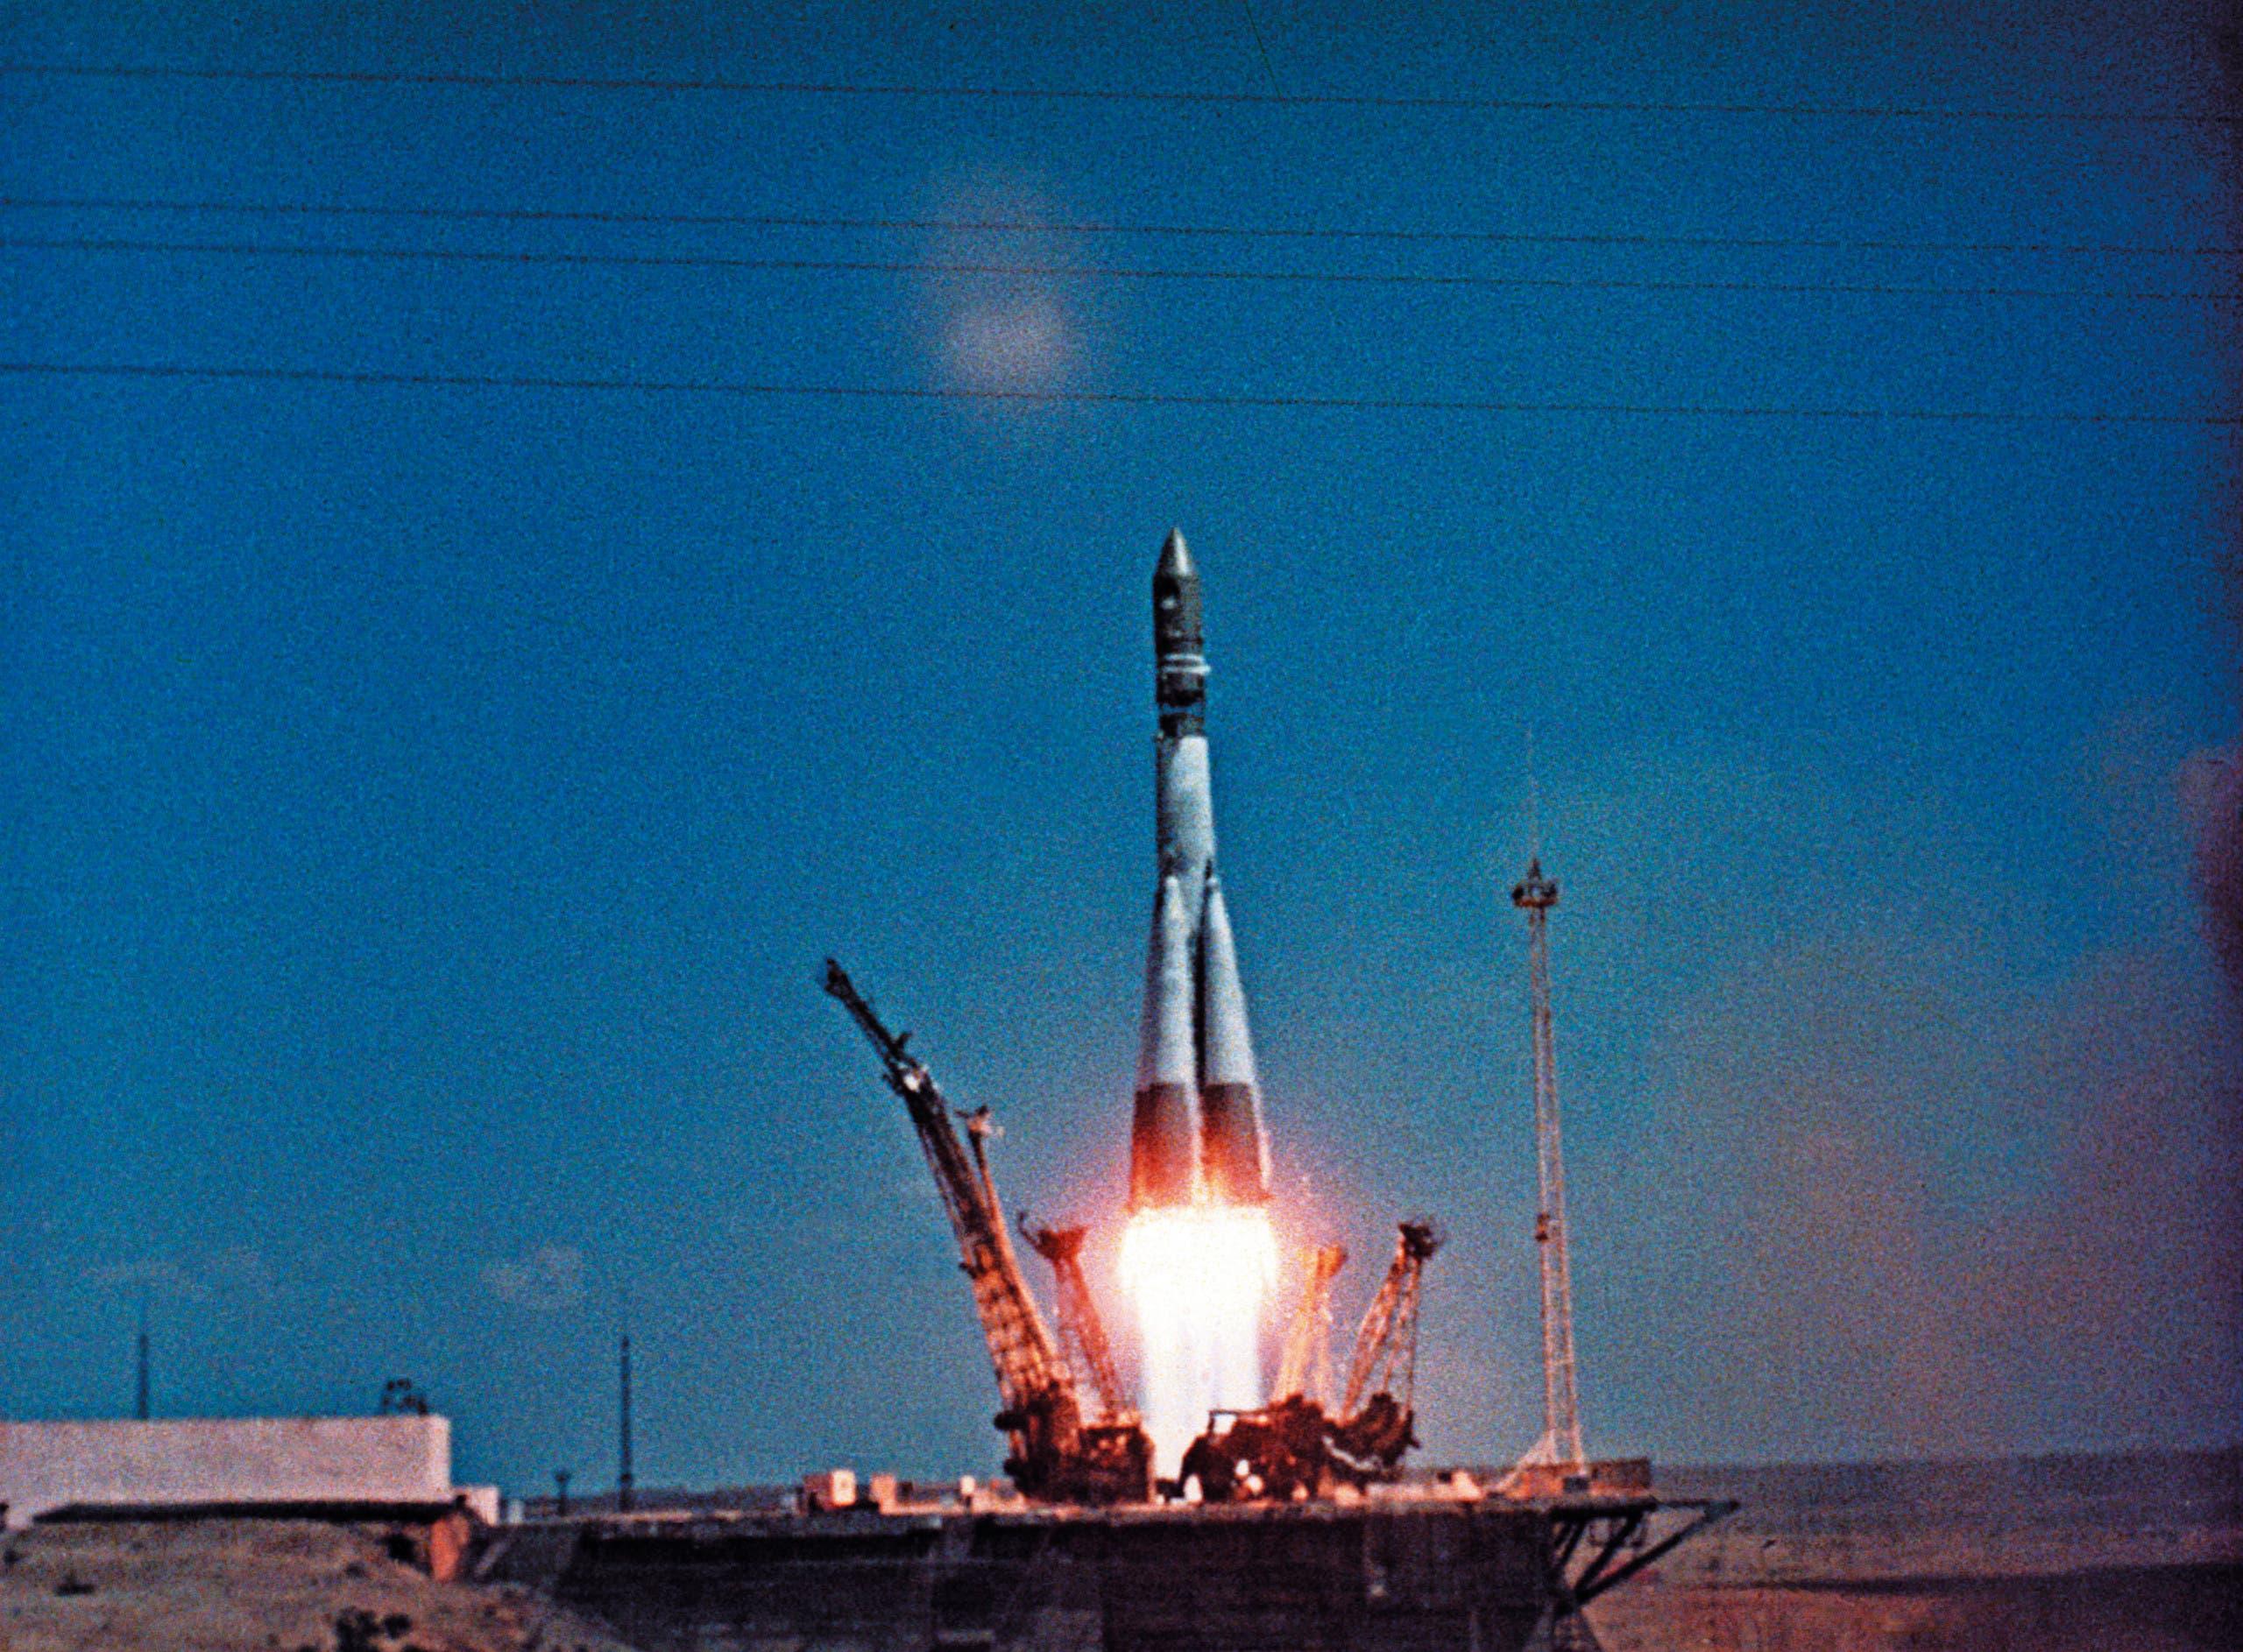 من إطلاق أول رحلة مأهولة بالبشر إلى الفضاء في 12 ابريل 1961